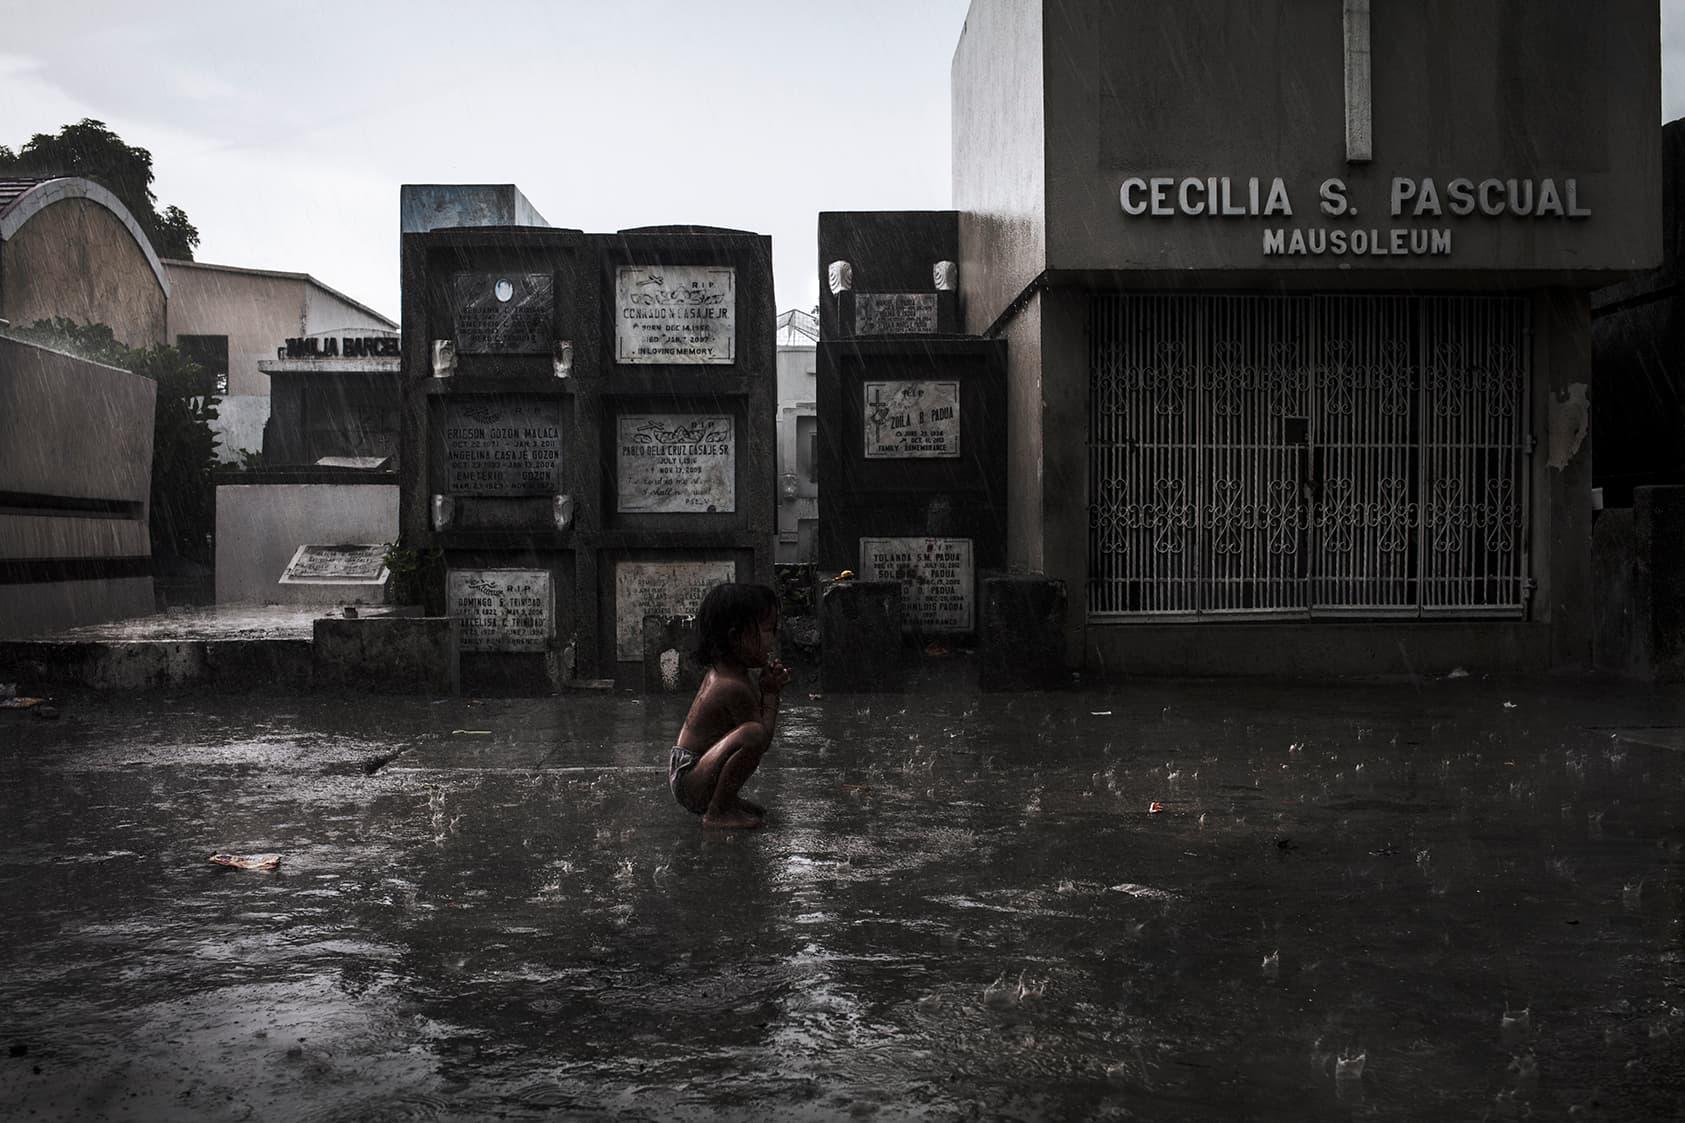 comunidades cementerios filipinas limbus (12)